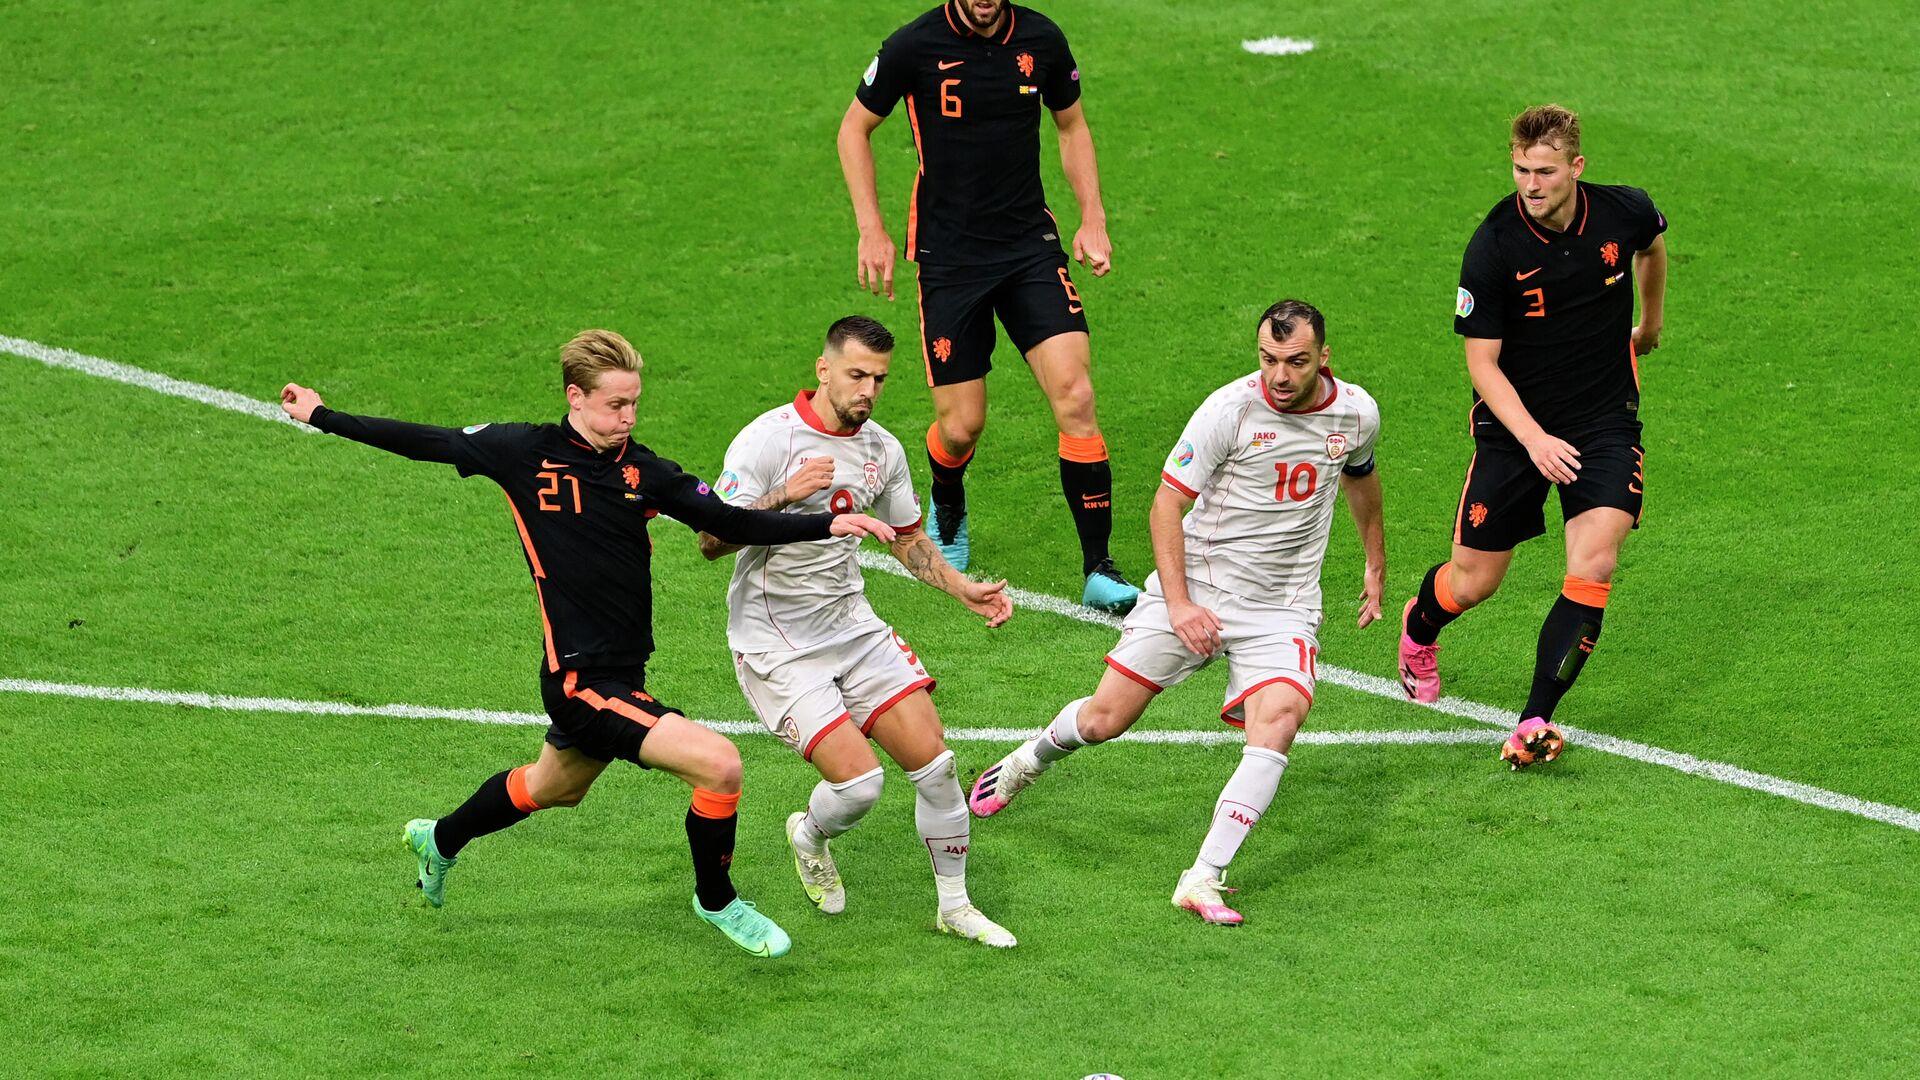 Игровой момент матча Северная Македония - Нидерланды - РИА Новости, 1920, 23.06.2021